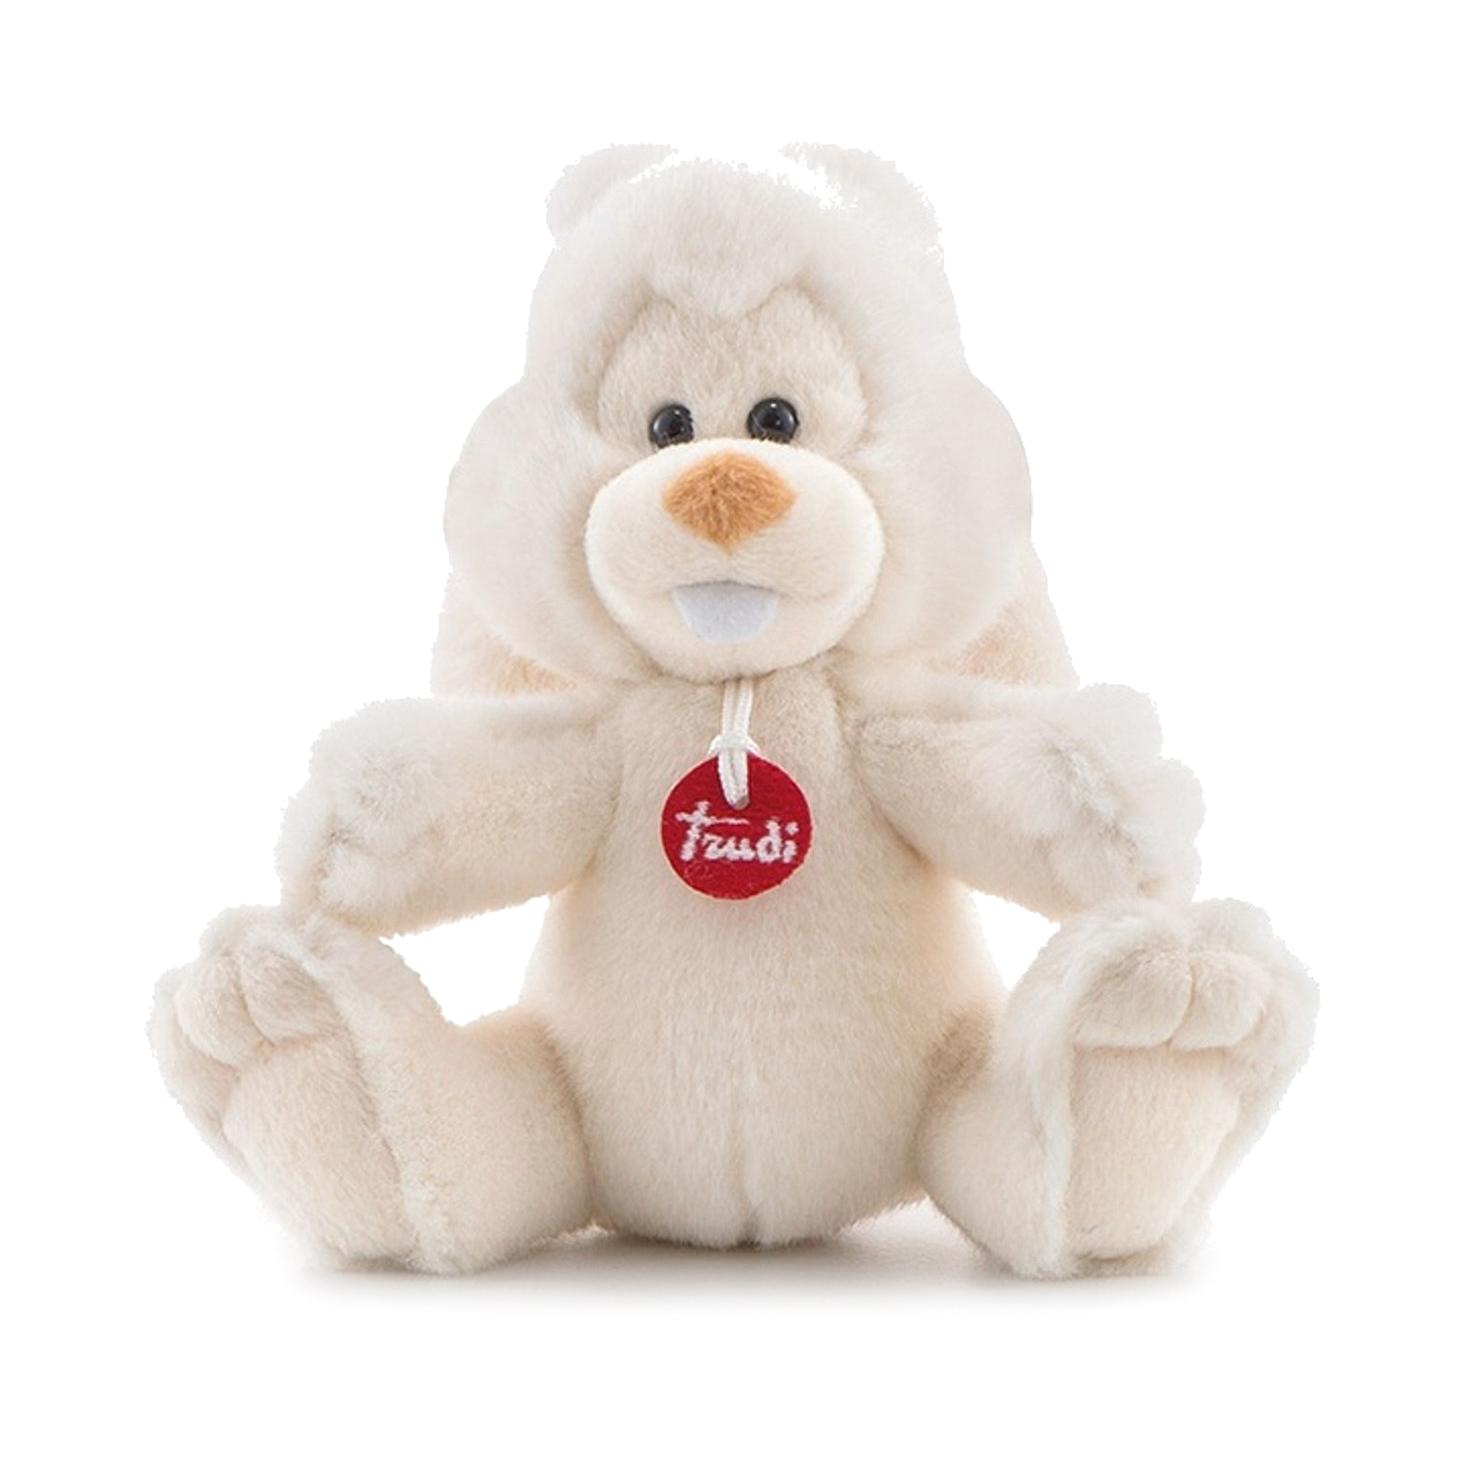 Мягкая игрушка Trudi Заяц Вирджилио в почтовом ящике Love boх мягкая игрушка trudi заяц белый 28 см